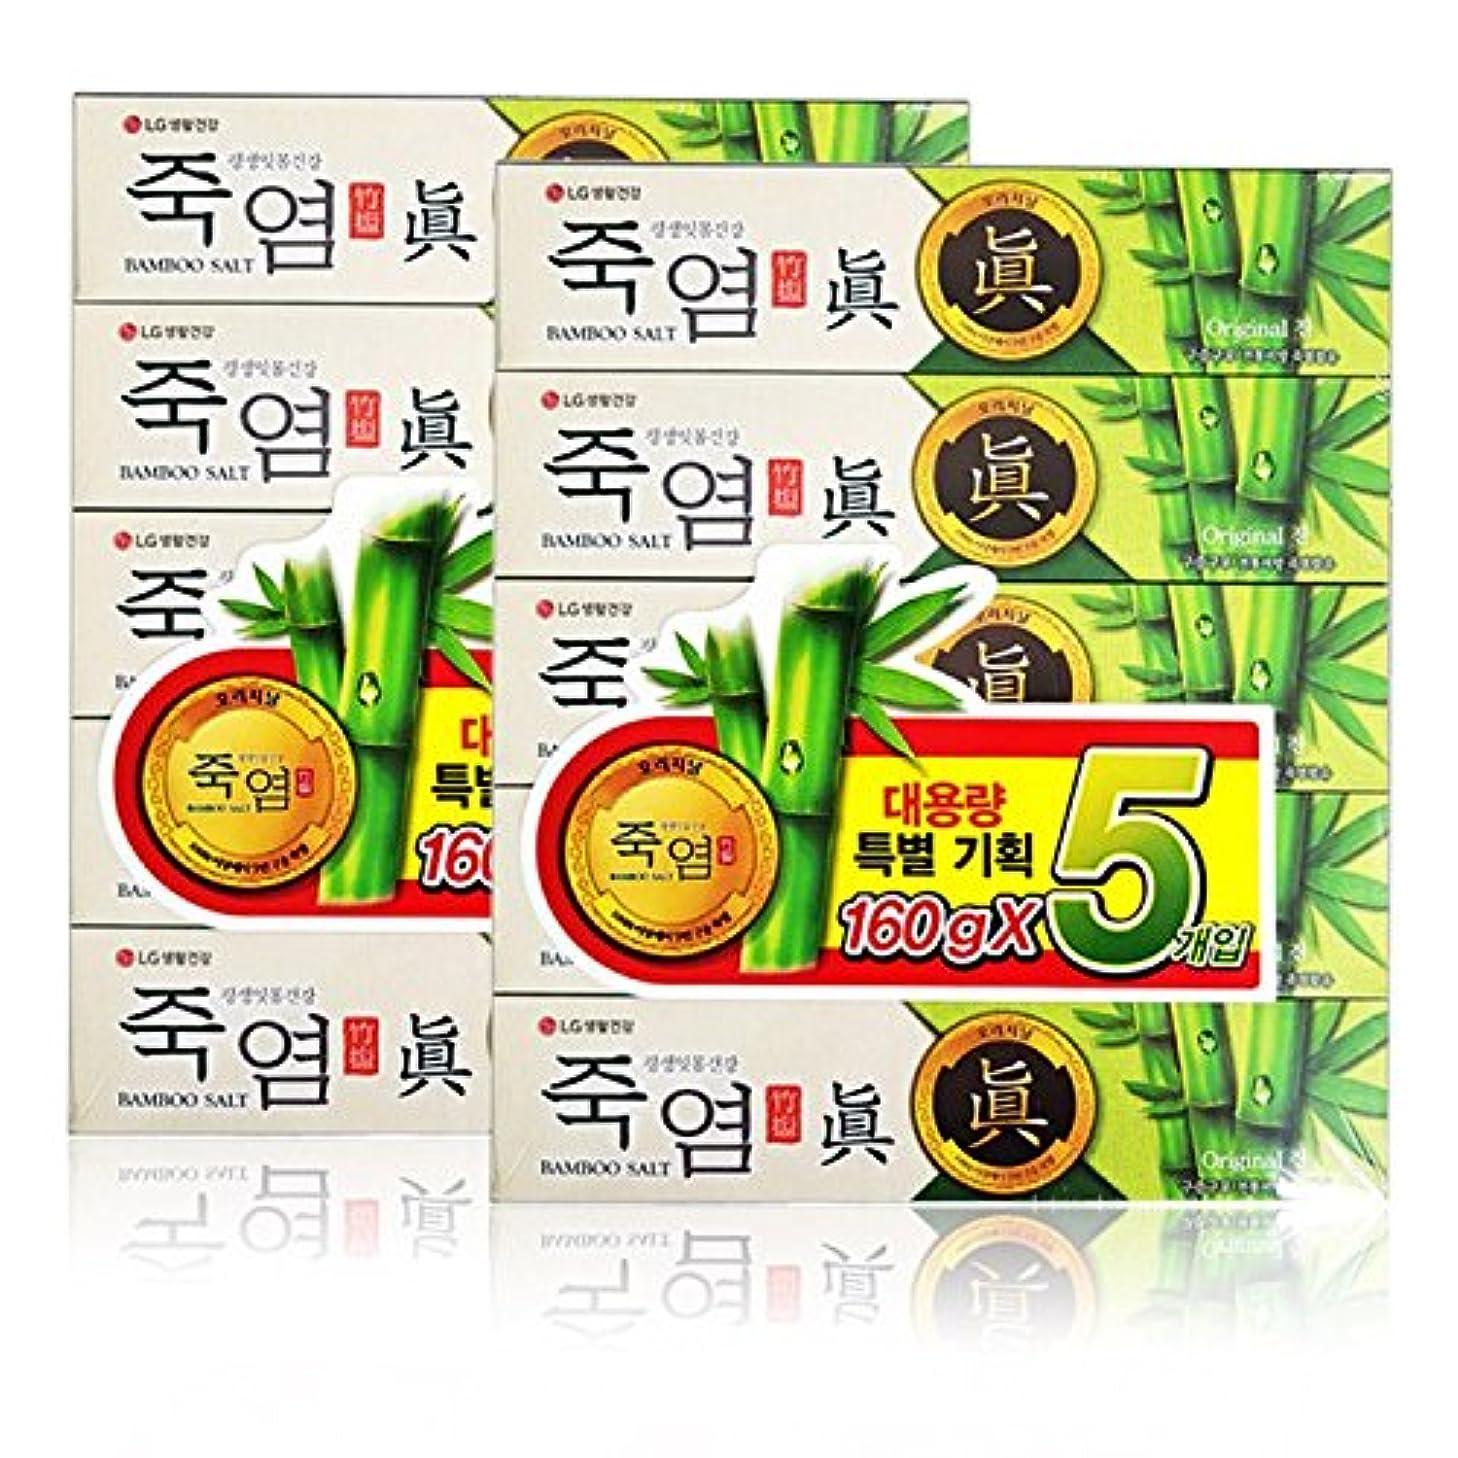 徒歩で戦略チャンス[LG電子の生活と健康] LG 竹塩オリジナル歯磨き粉160g*10つの(海外直送品)